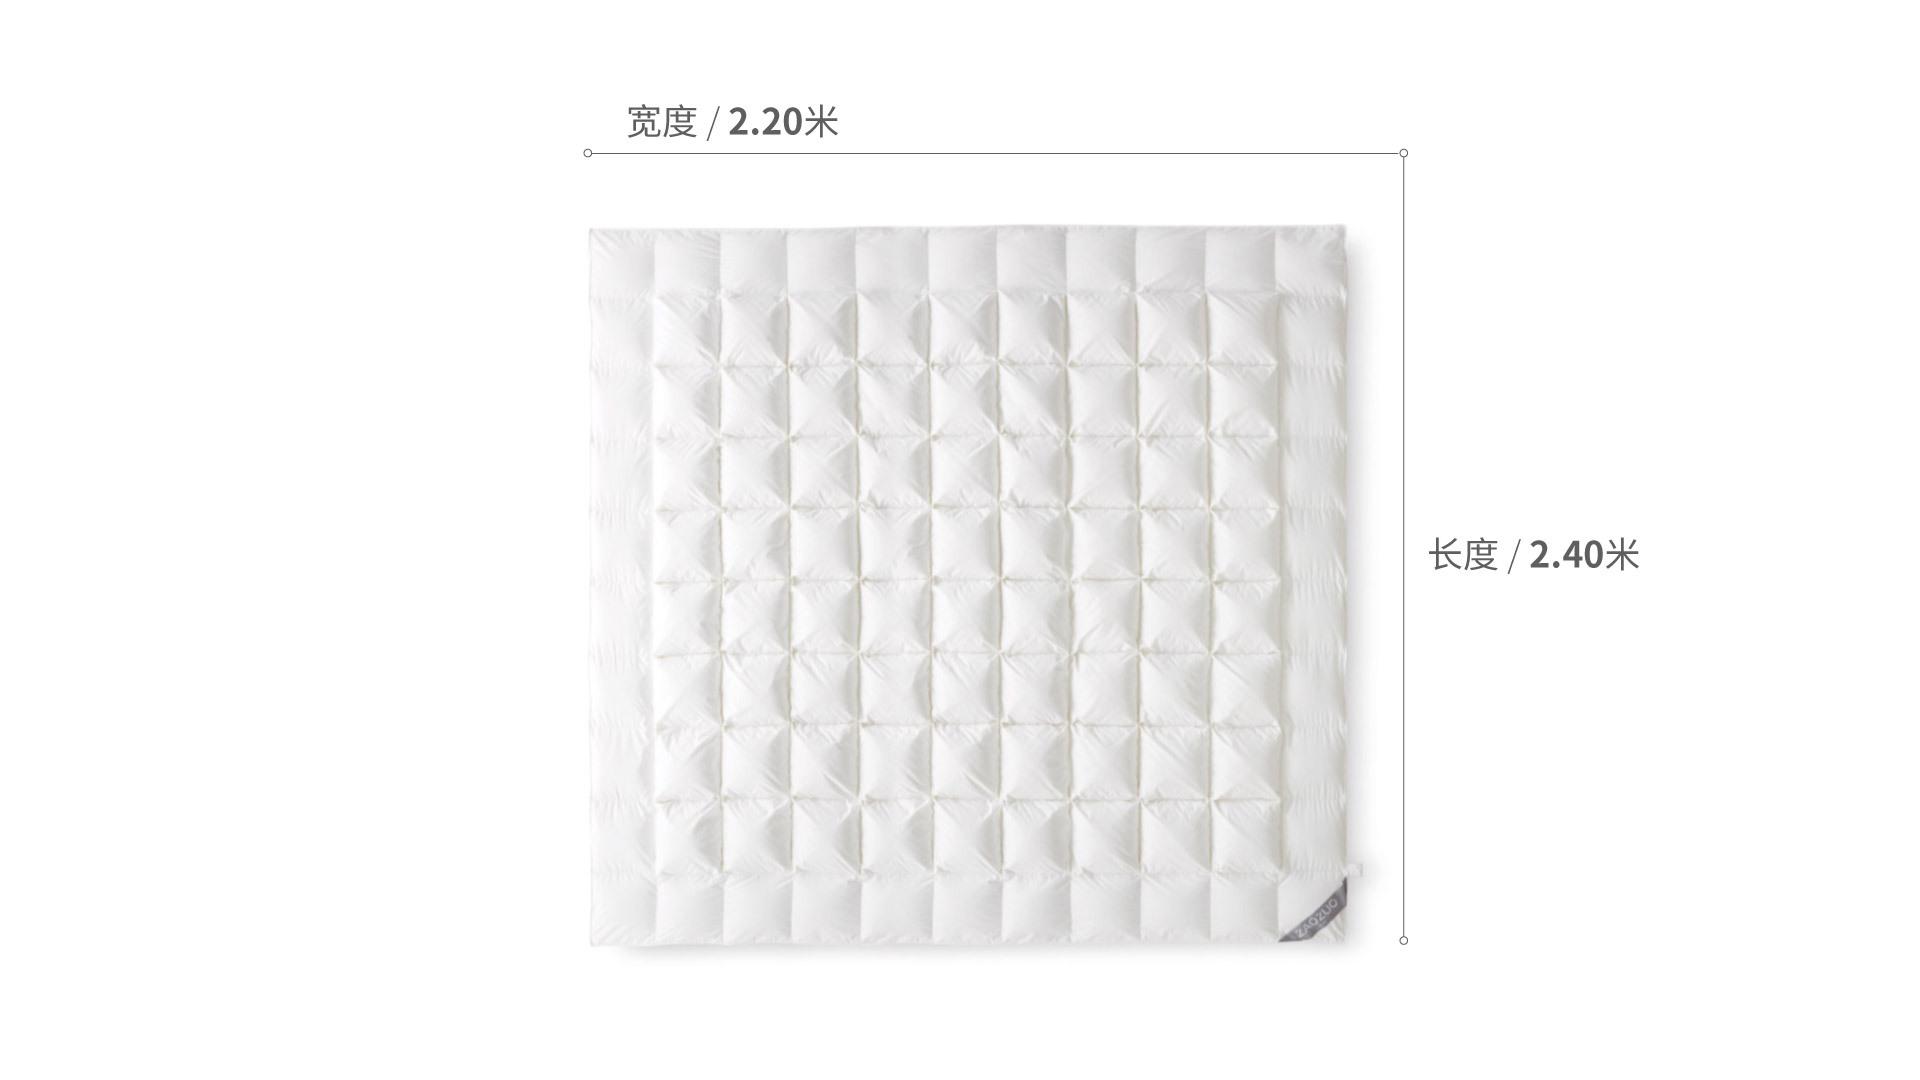 造作有眠极暖白鹅大绒被芯®1.8米床床·床具效果图